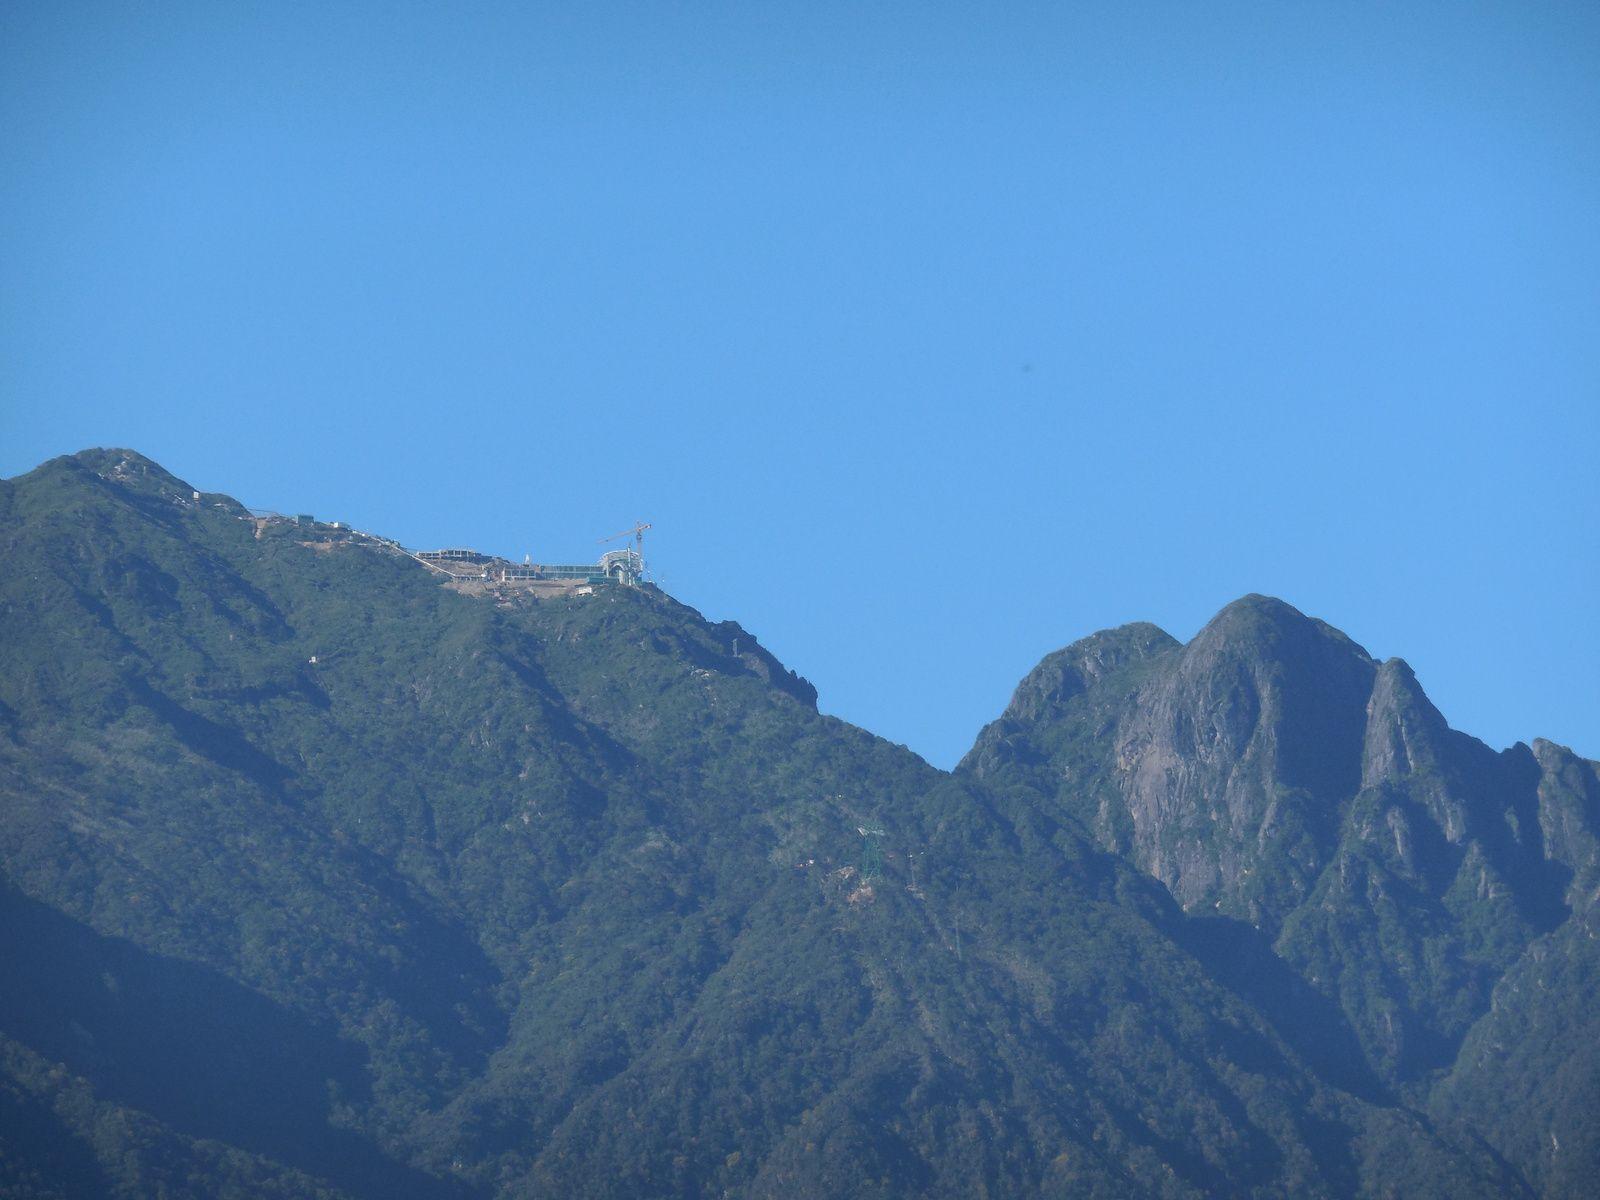 Situé à 19 km de Sapa, le Mont Fan Si Pan nécessite 2 à 3 jours de marche pour atteindre son sommet. Pour raccourcir cette approche, les autorités sont entrain de construire un téléphérique qui rejoint directement la vallée.